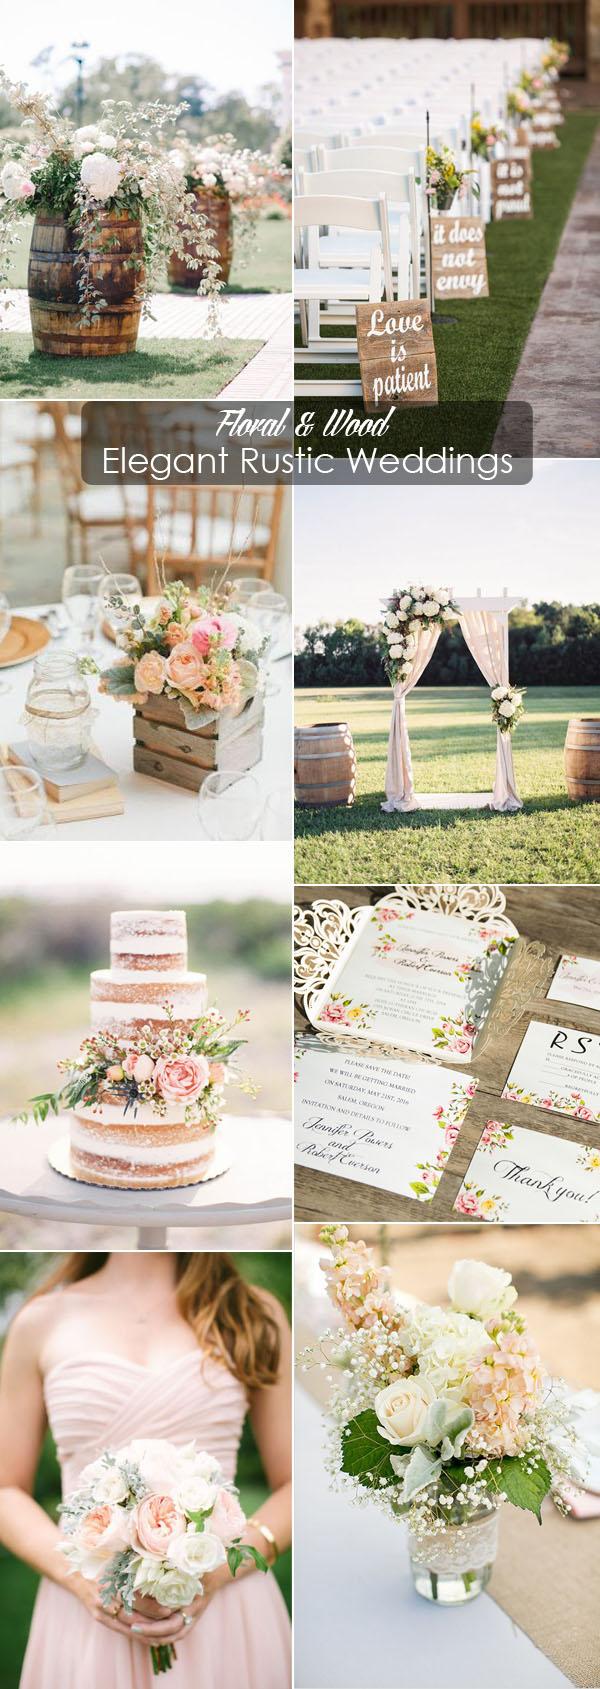 Simple Rustic Wedding Decor 40 Rustic Wedding Ideas With Elegant Details Elegantweddinginvites